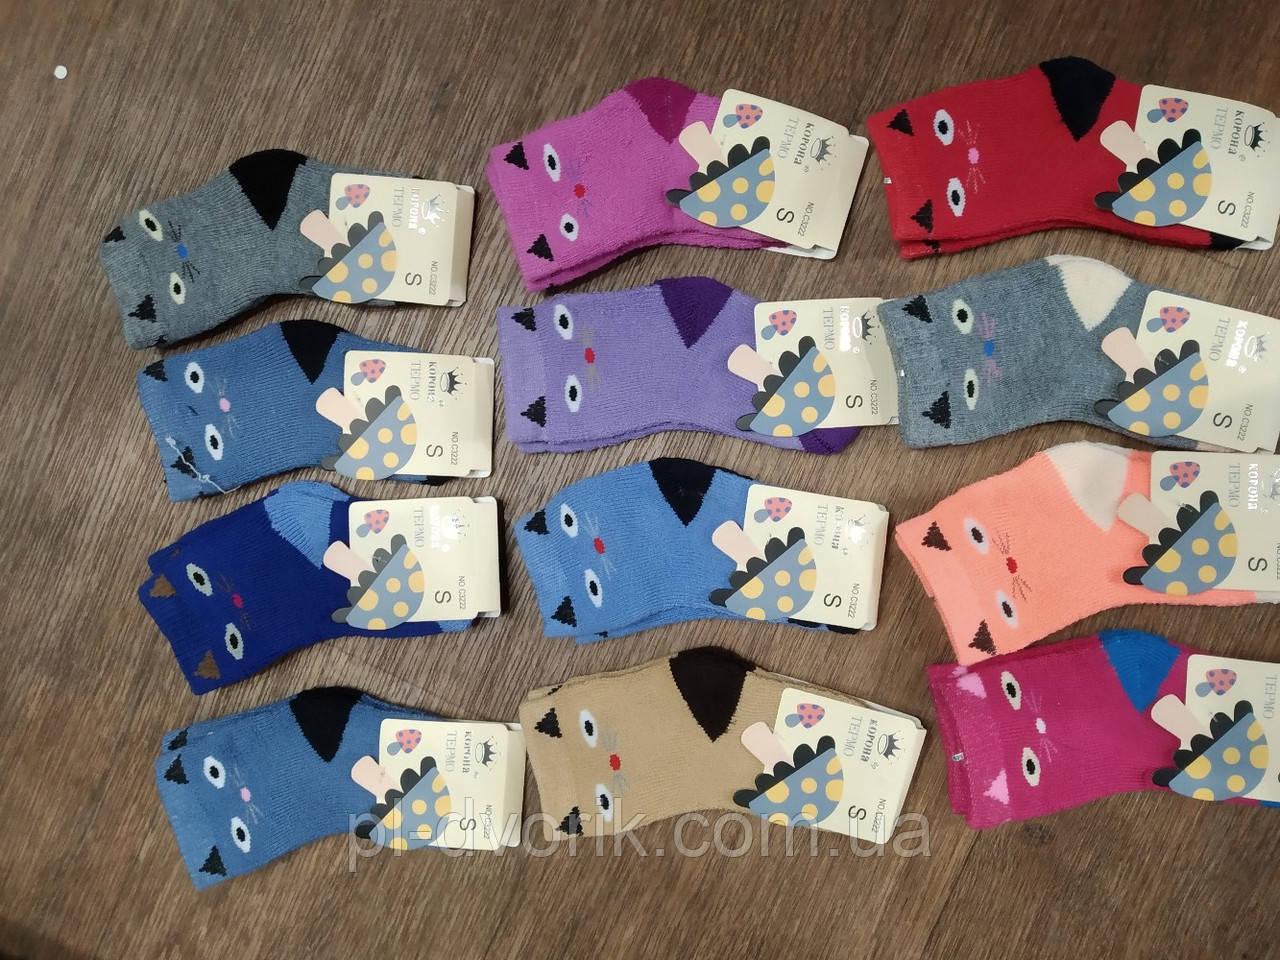 Носки детские махровые для девочек Корона C3222 S цена 23